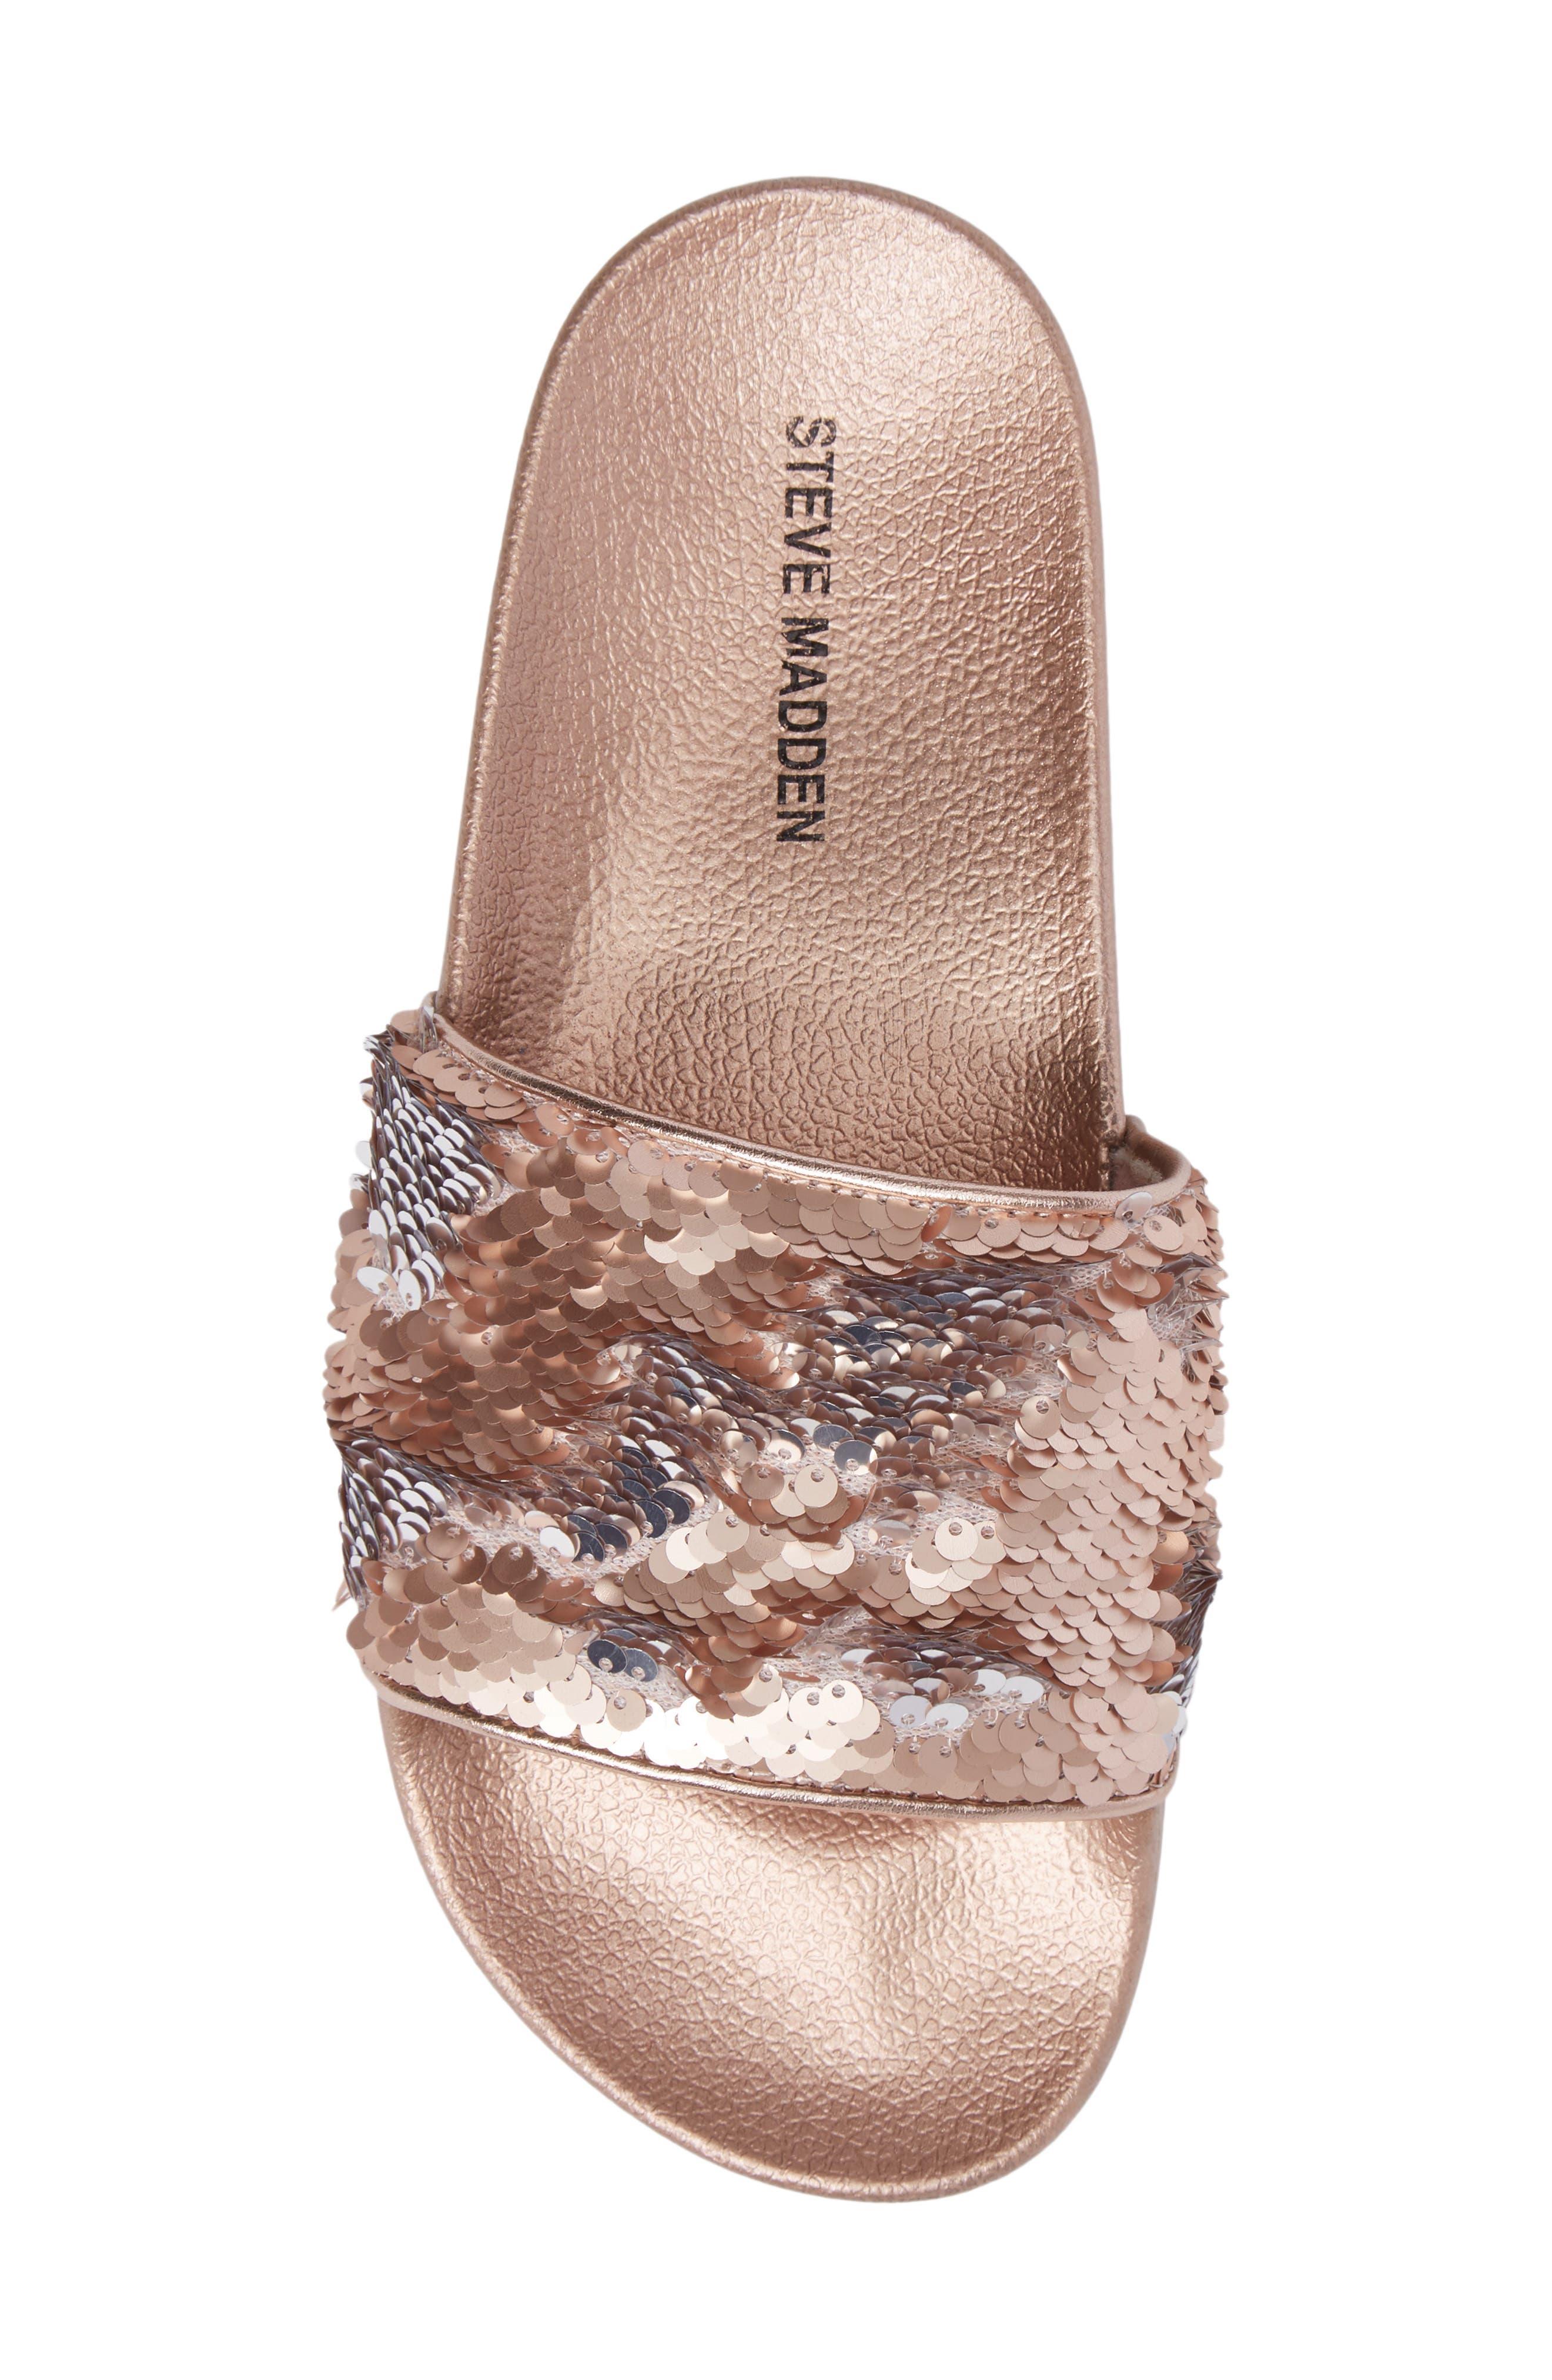 Softey Sequin Slide Sandal,                             Alternate thumbnail 5, color,                             686